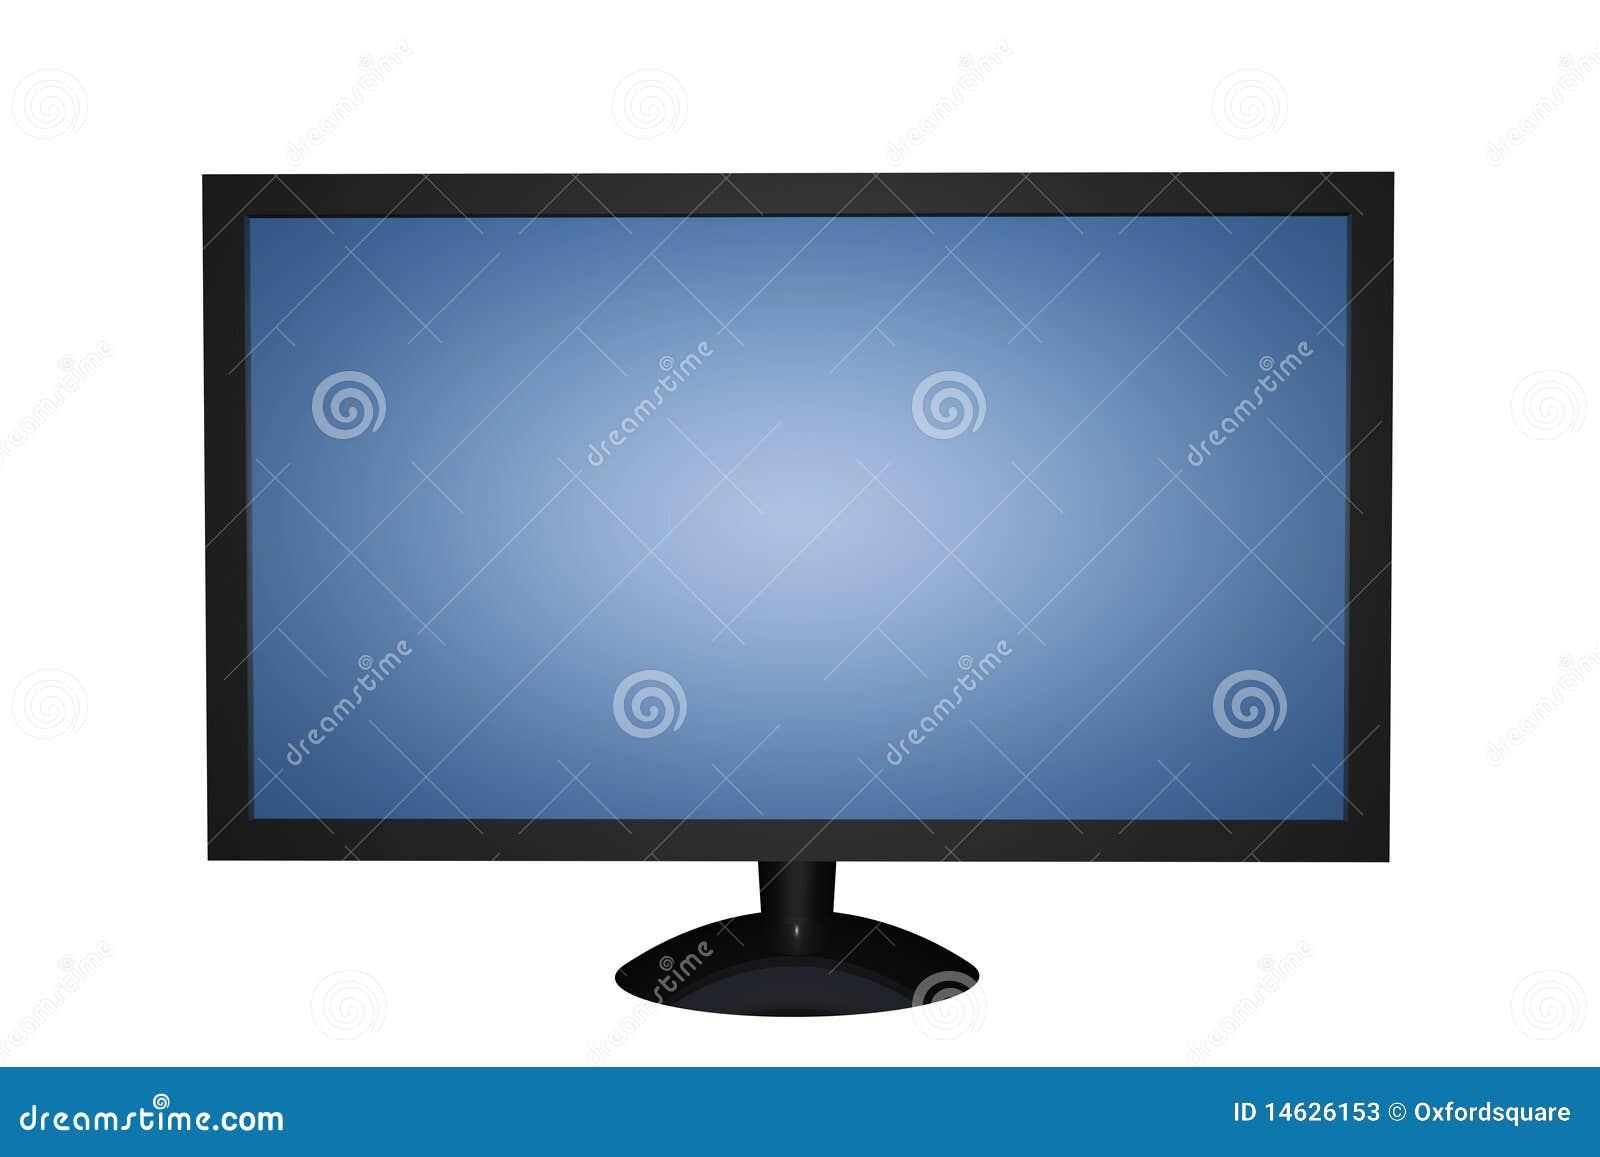 Plasma Tv Led Tv